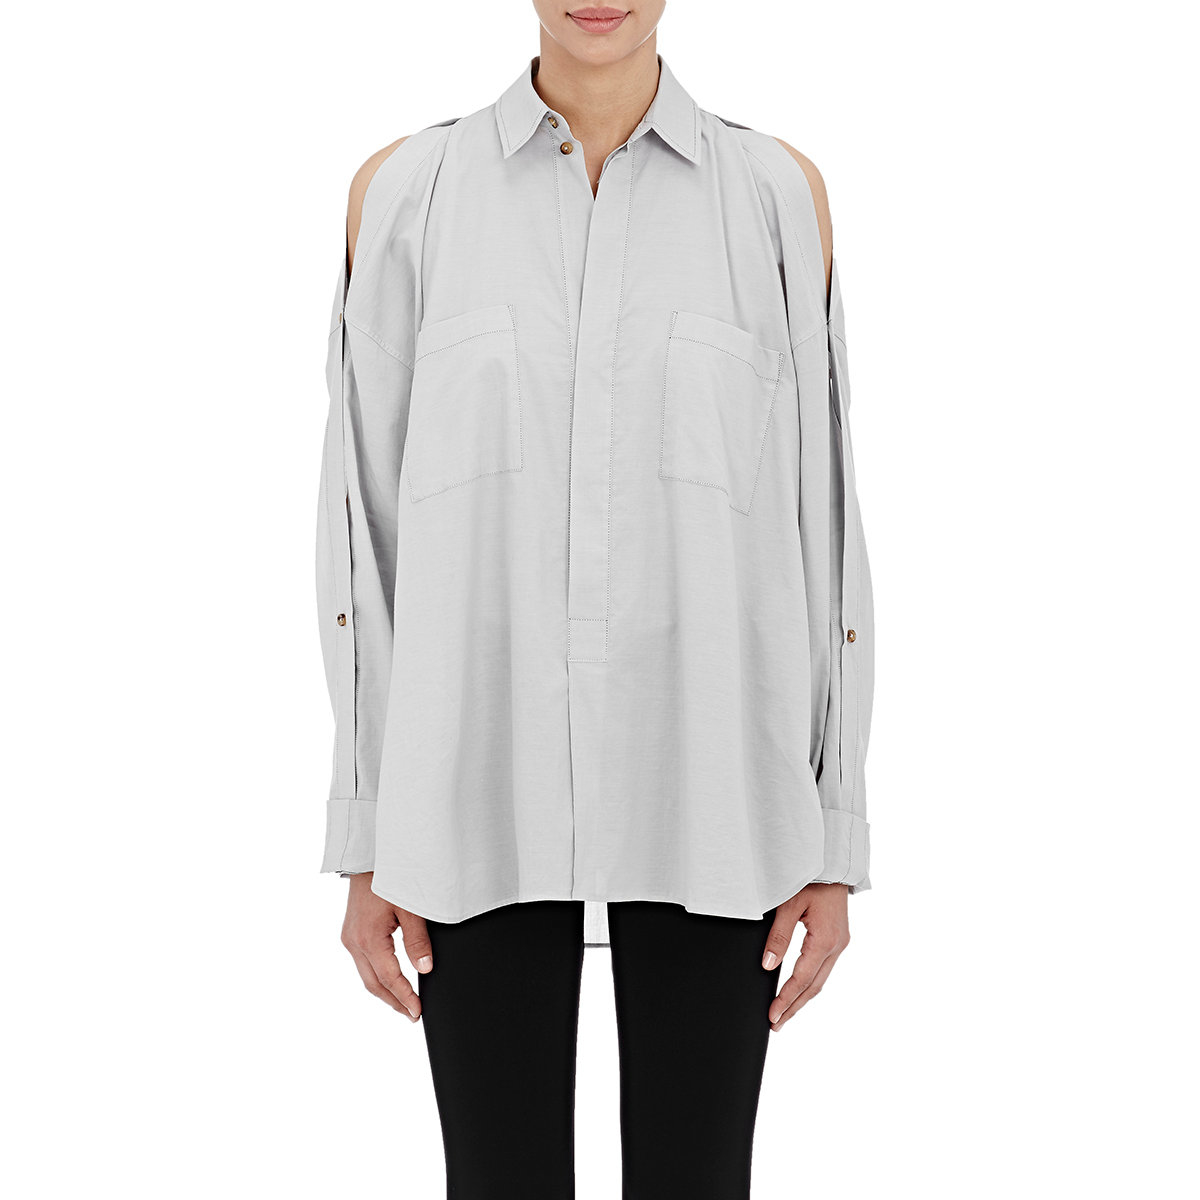 helmut lang split sleeve shirt in white lyst. Black Bedroom Furniture Sets. Home Design Ideas